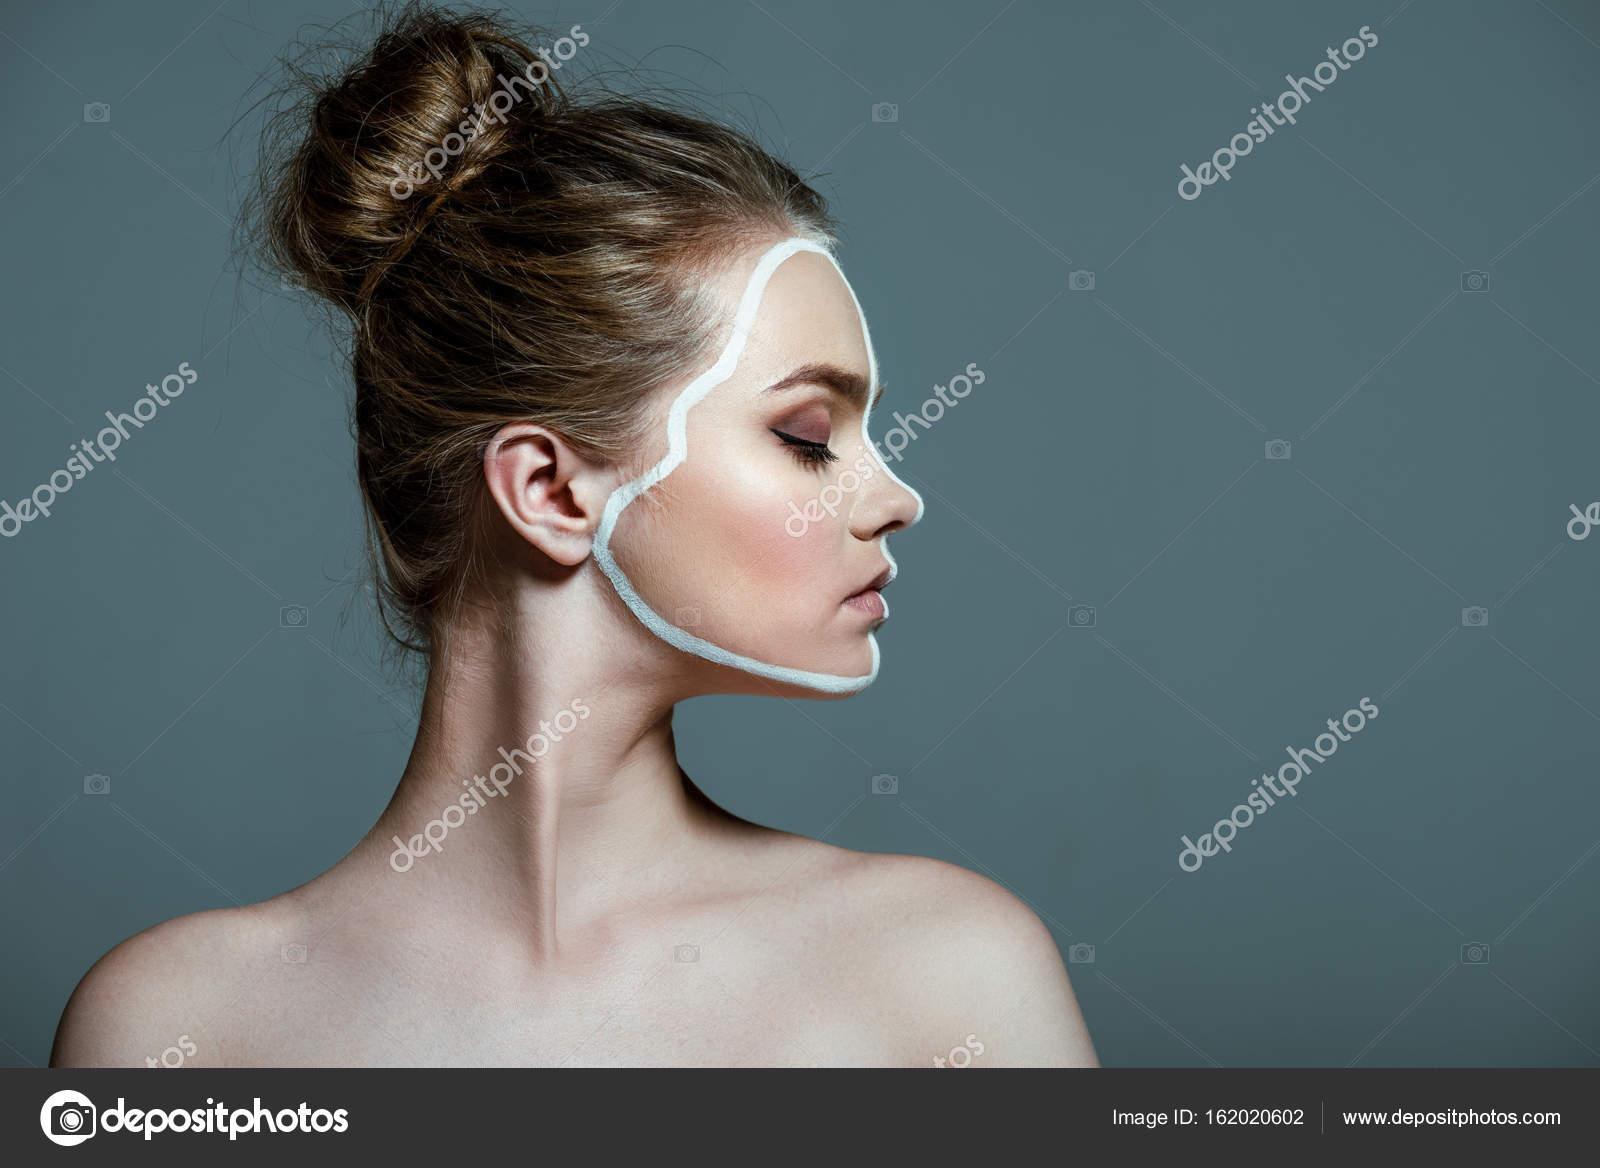 Έφηβος κορίτσι γυμνό τέχνη